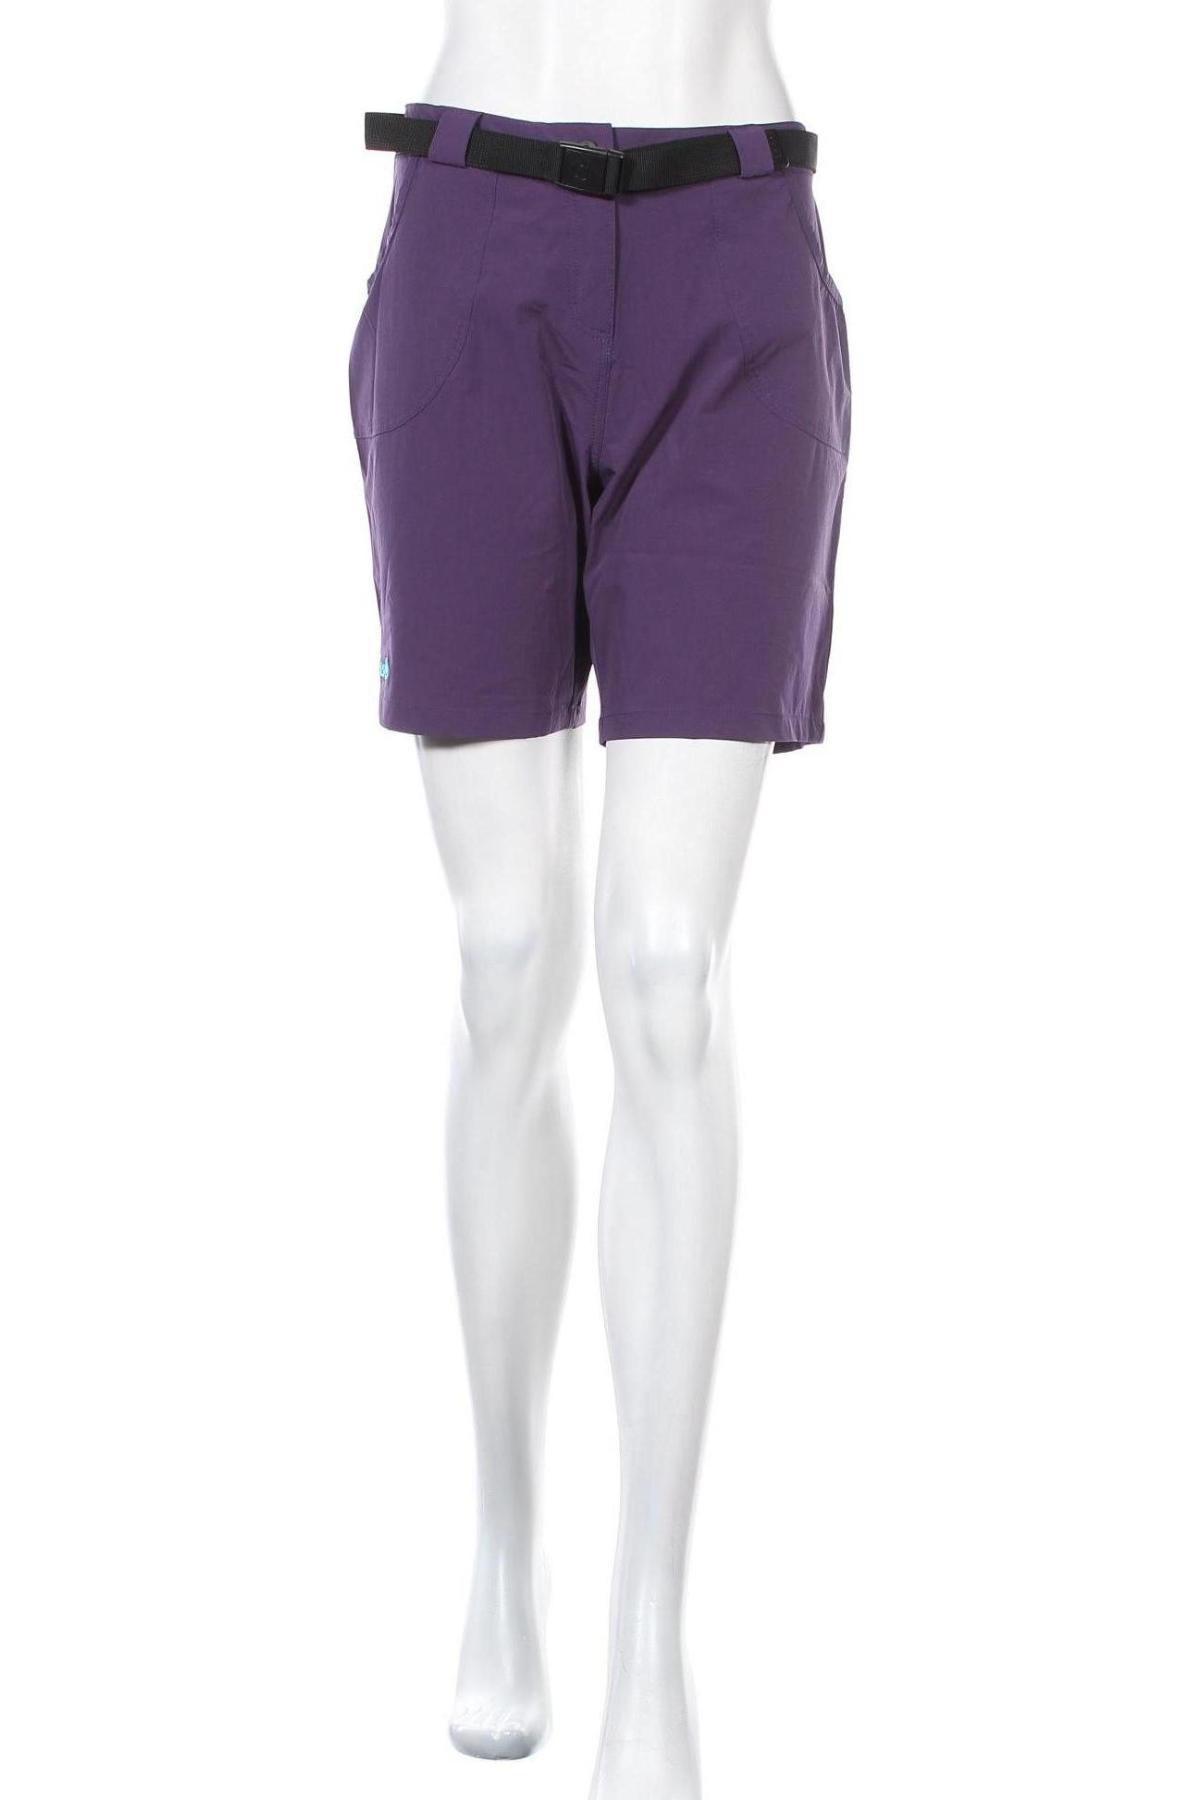 Γυναικείο κοντό παντελόνι Izas, Μέγεθος L, Χρώμα Βιολετί, 92% πολυαμίδη, 8% ελαστάνη, Τιμή 18,95€